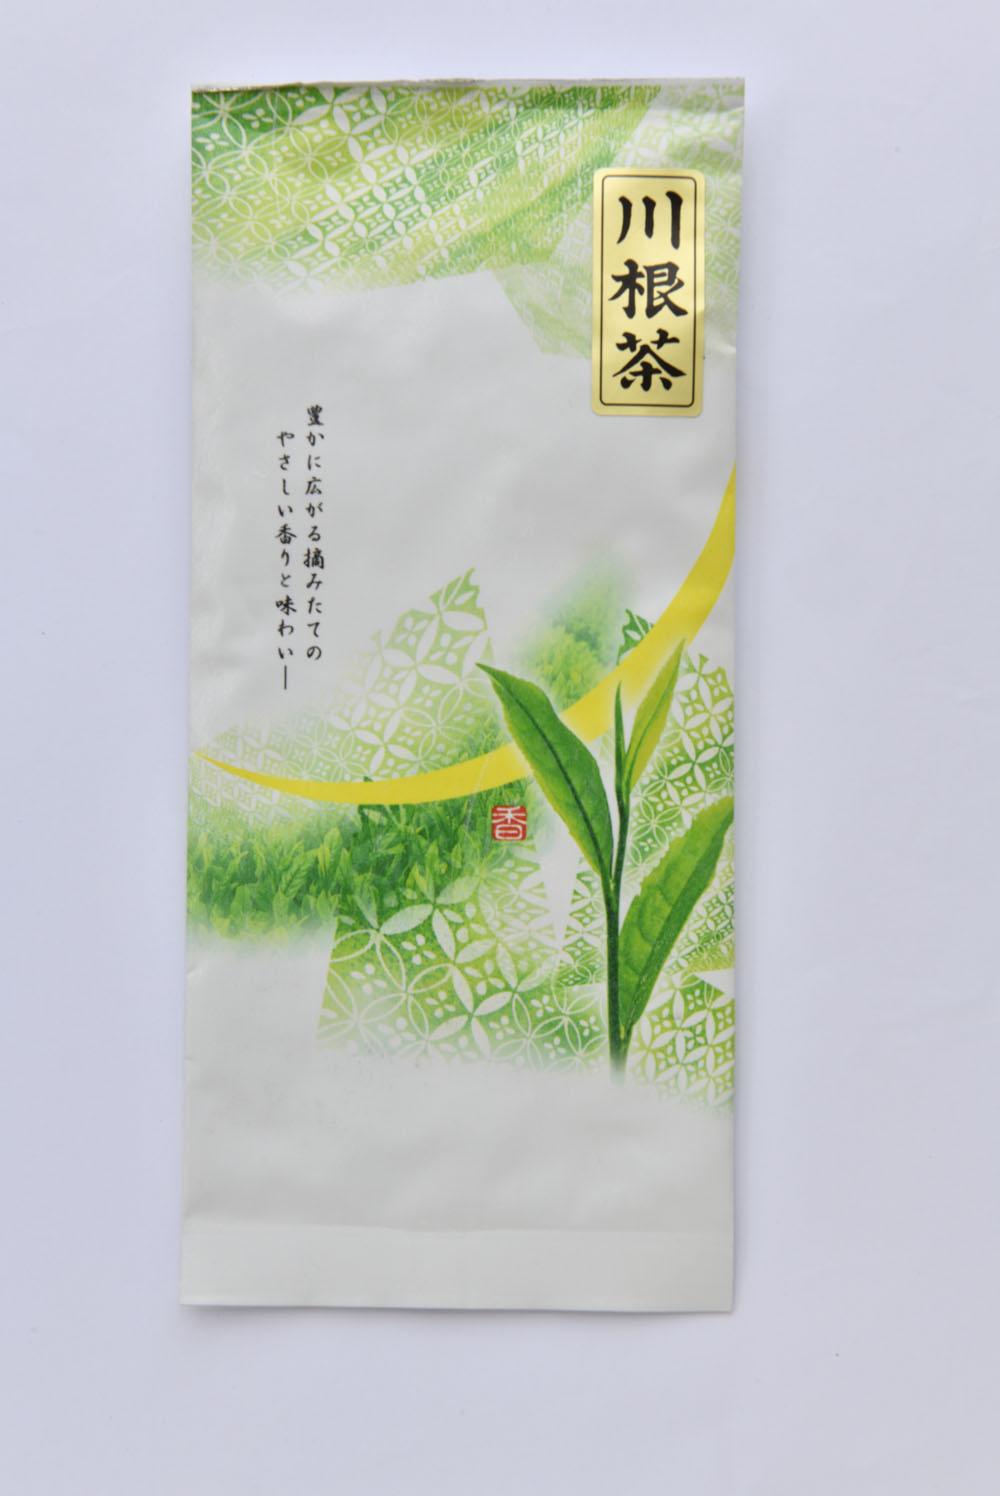 静岡八十八夜摘み 川根茶50g 1080円。和菓子によく合う渋み。